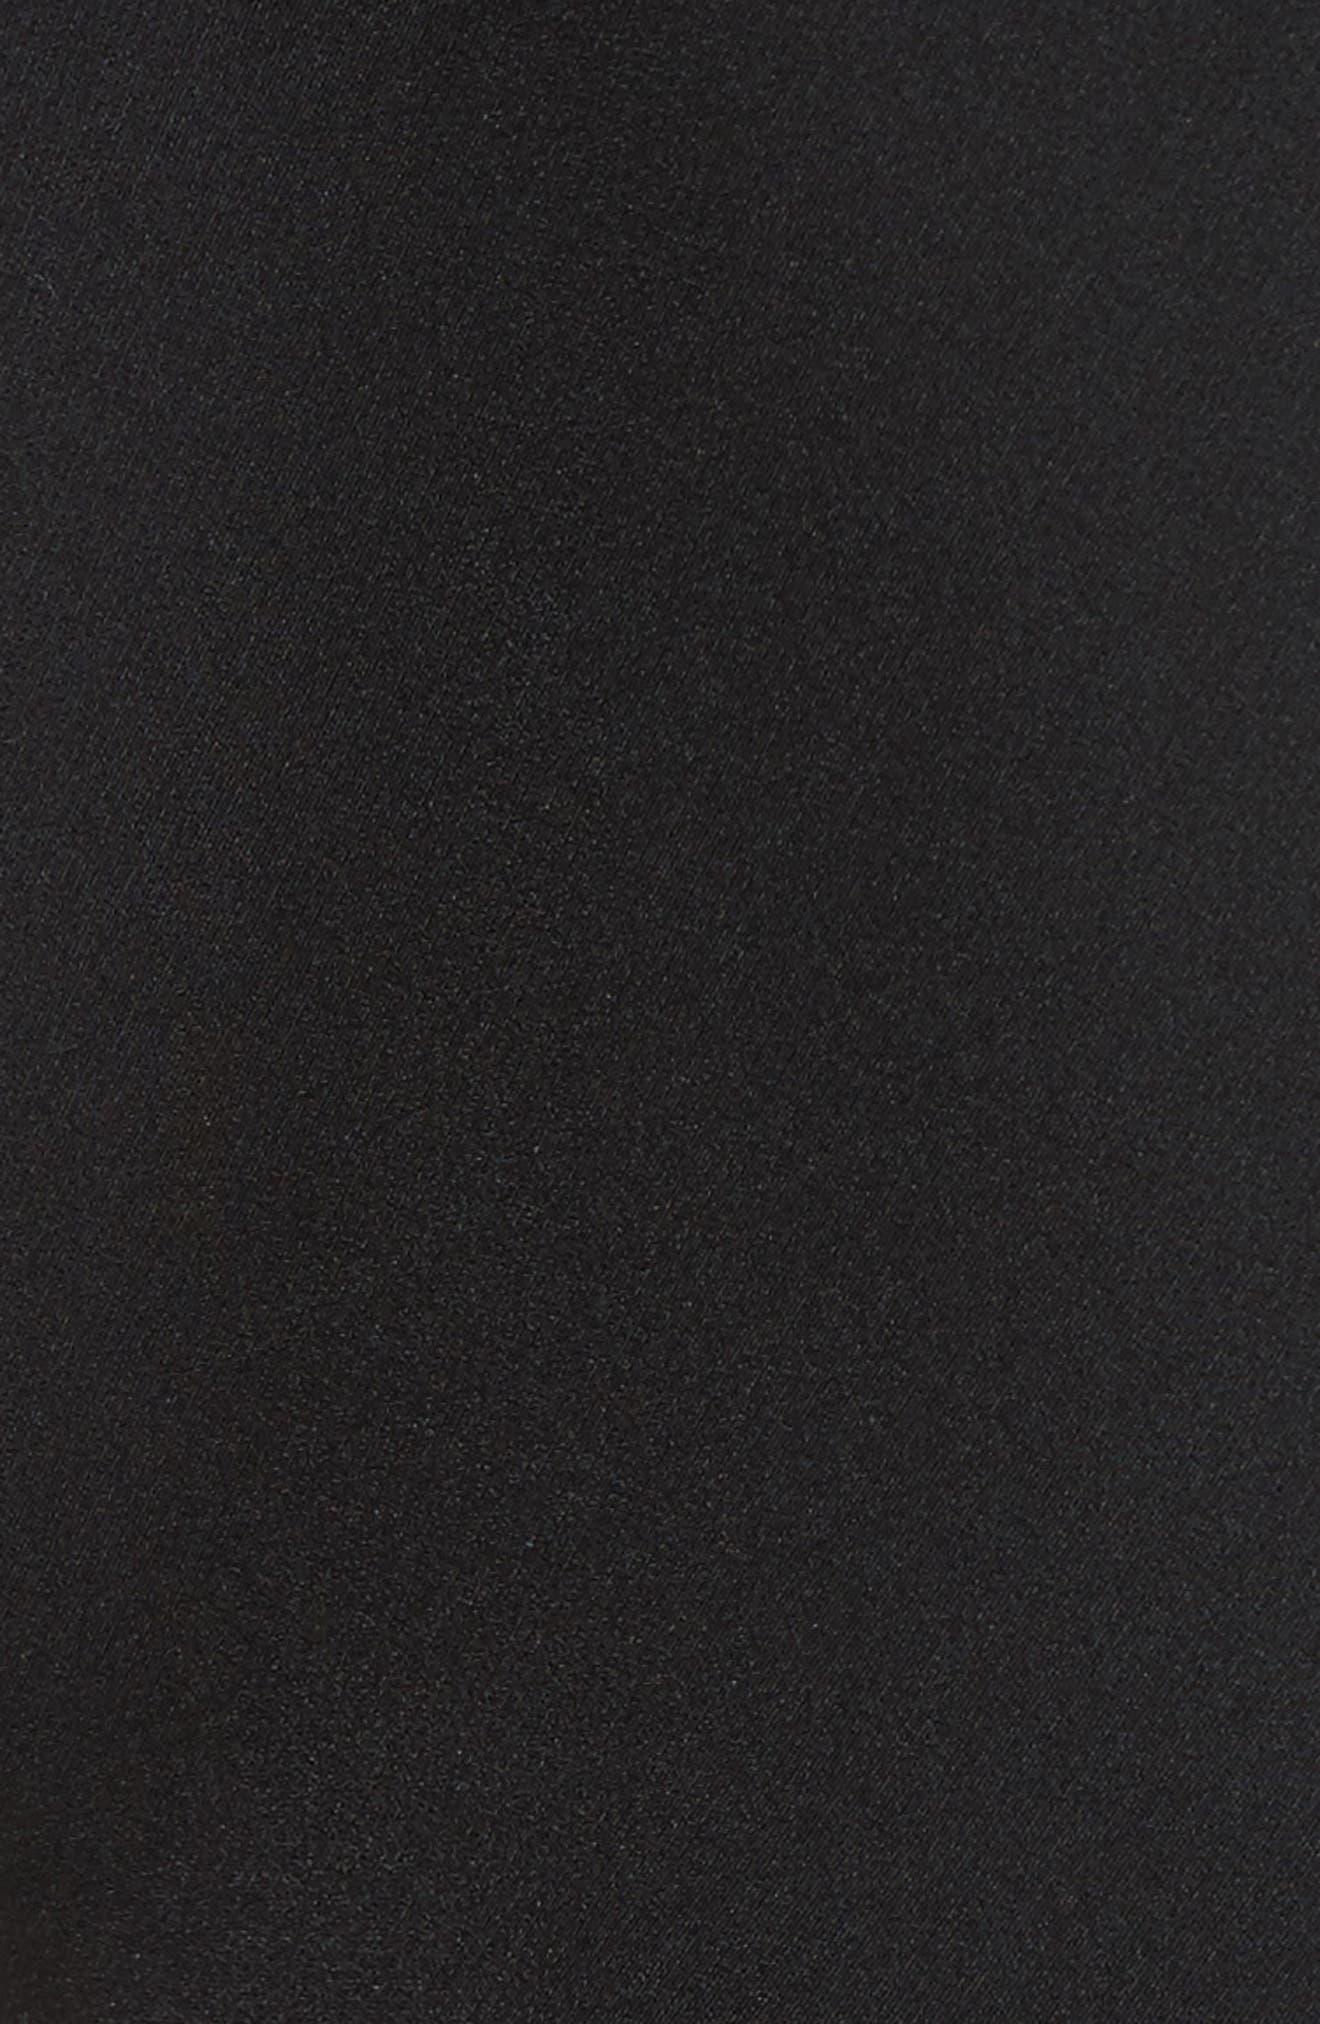 Architectural Pencil Dress,                             Alternate thumbnail 5, color,                             Black